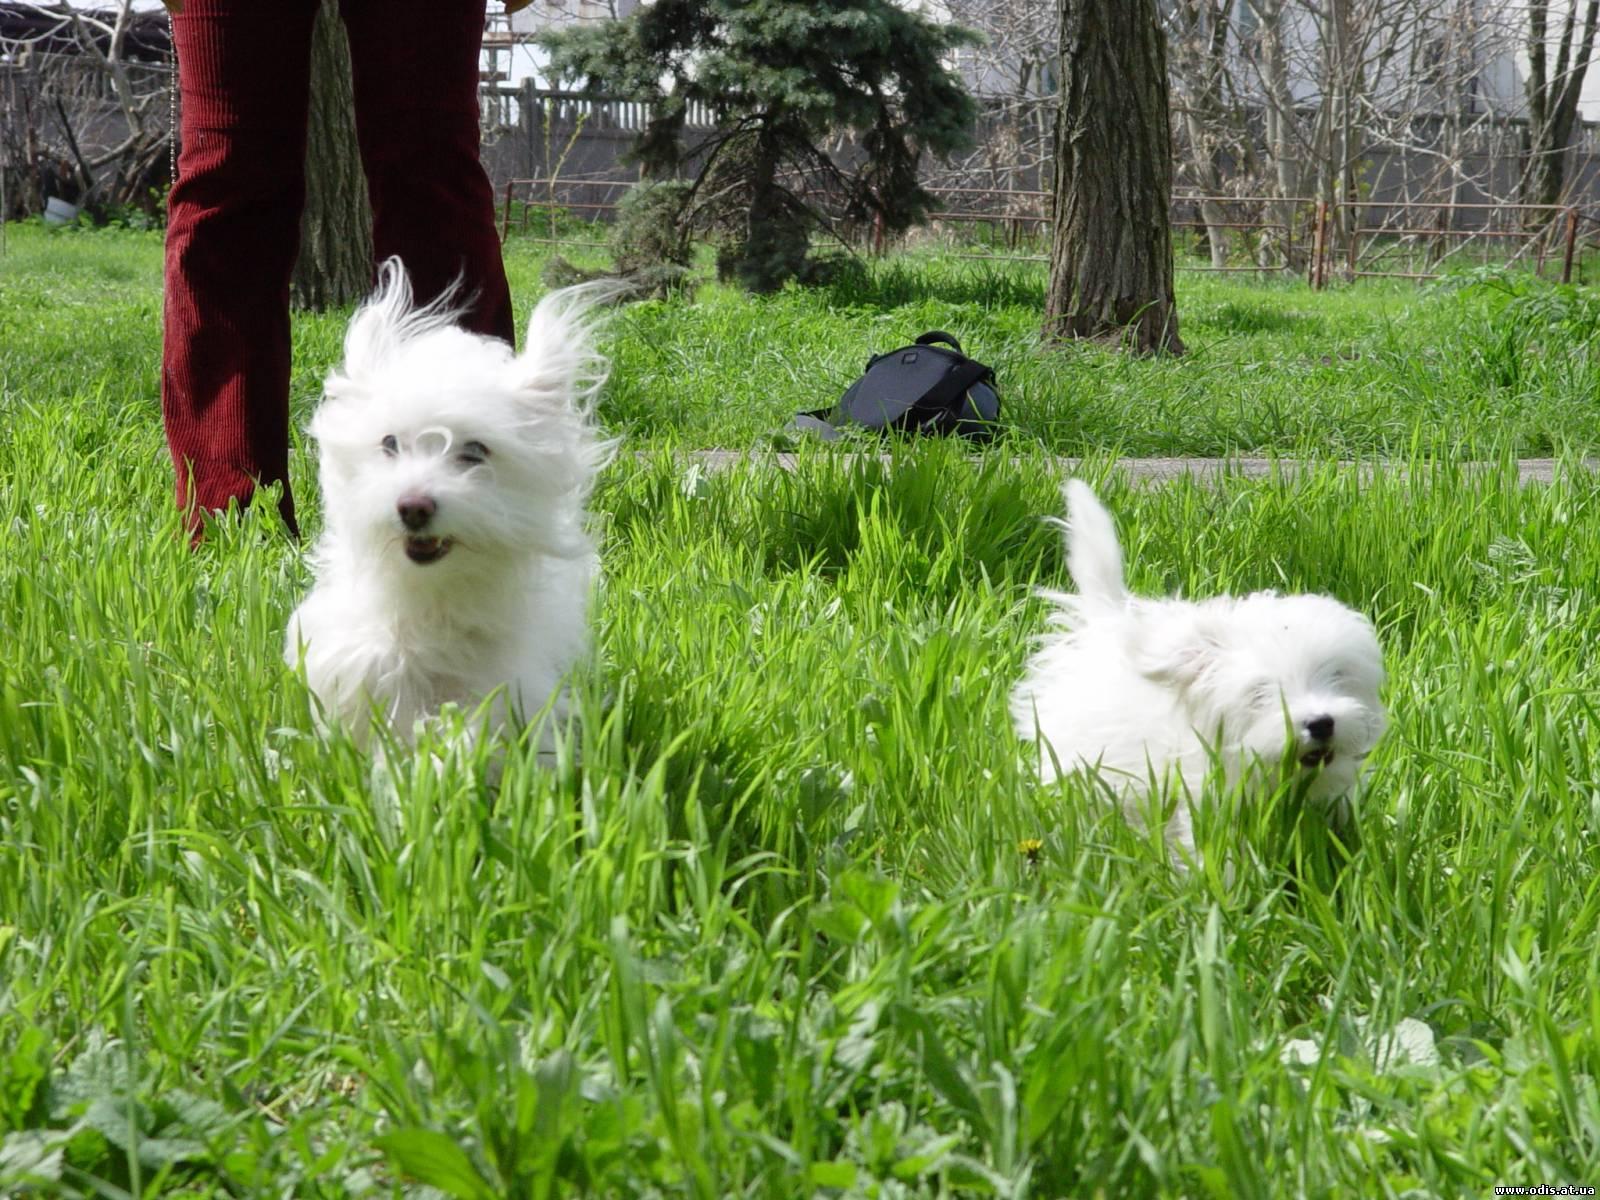 Украинская порода собак одис, молодая, но исключительно интересная